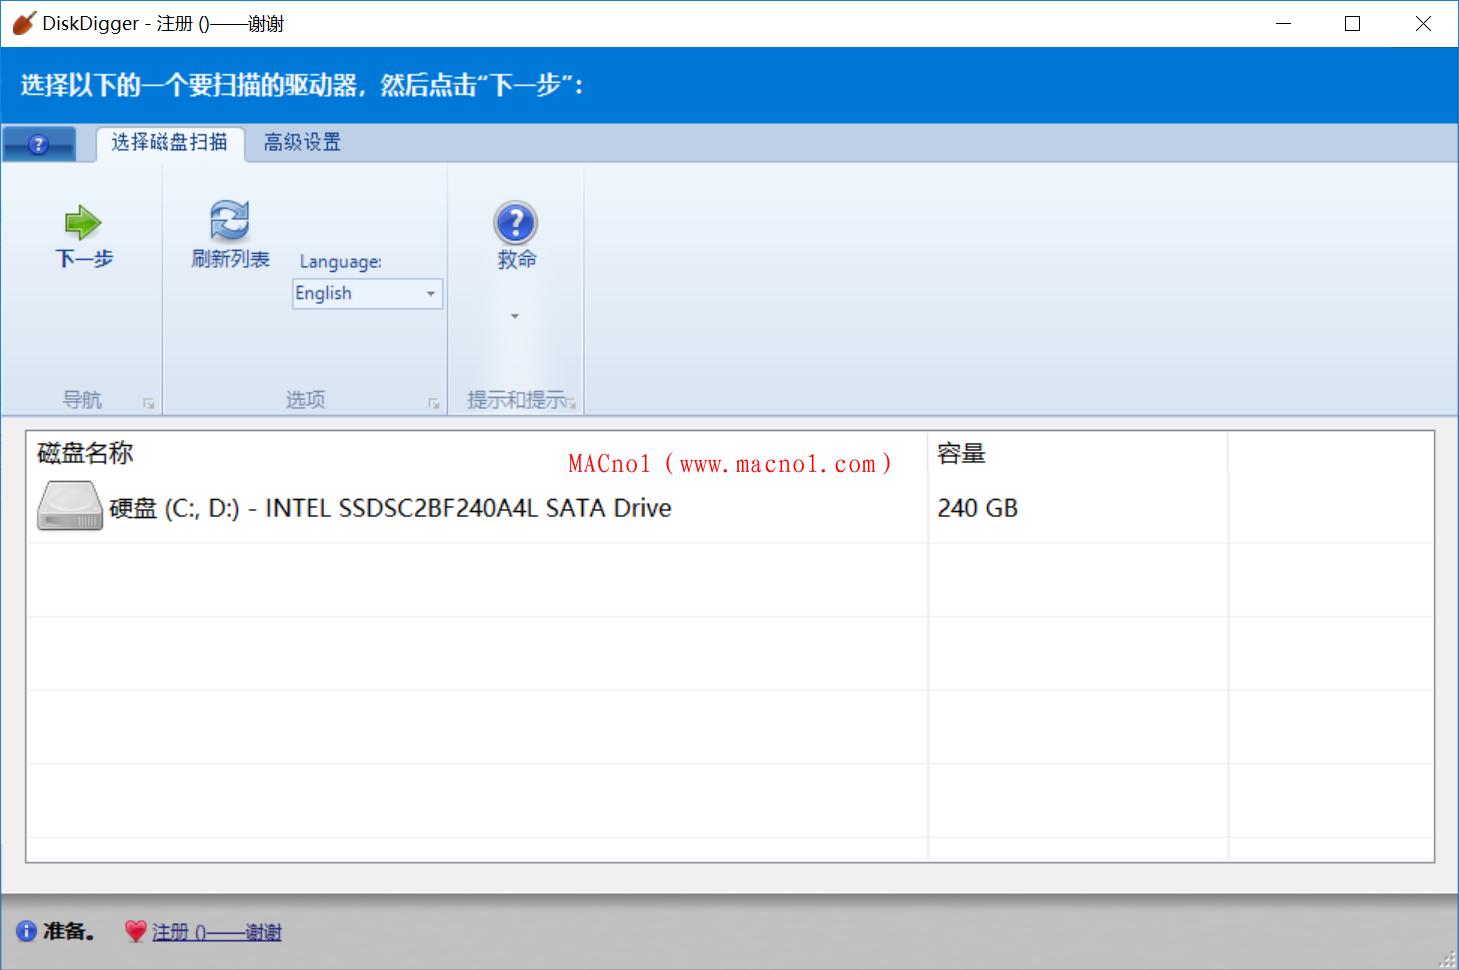 数据恢复软件 DiskDigger破解版 v1.31.53 中文破解版(附激活码)